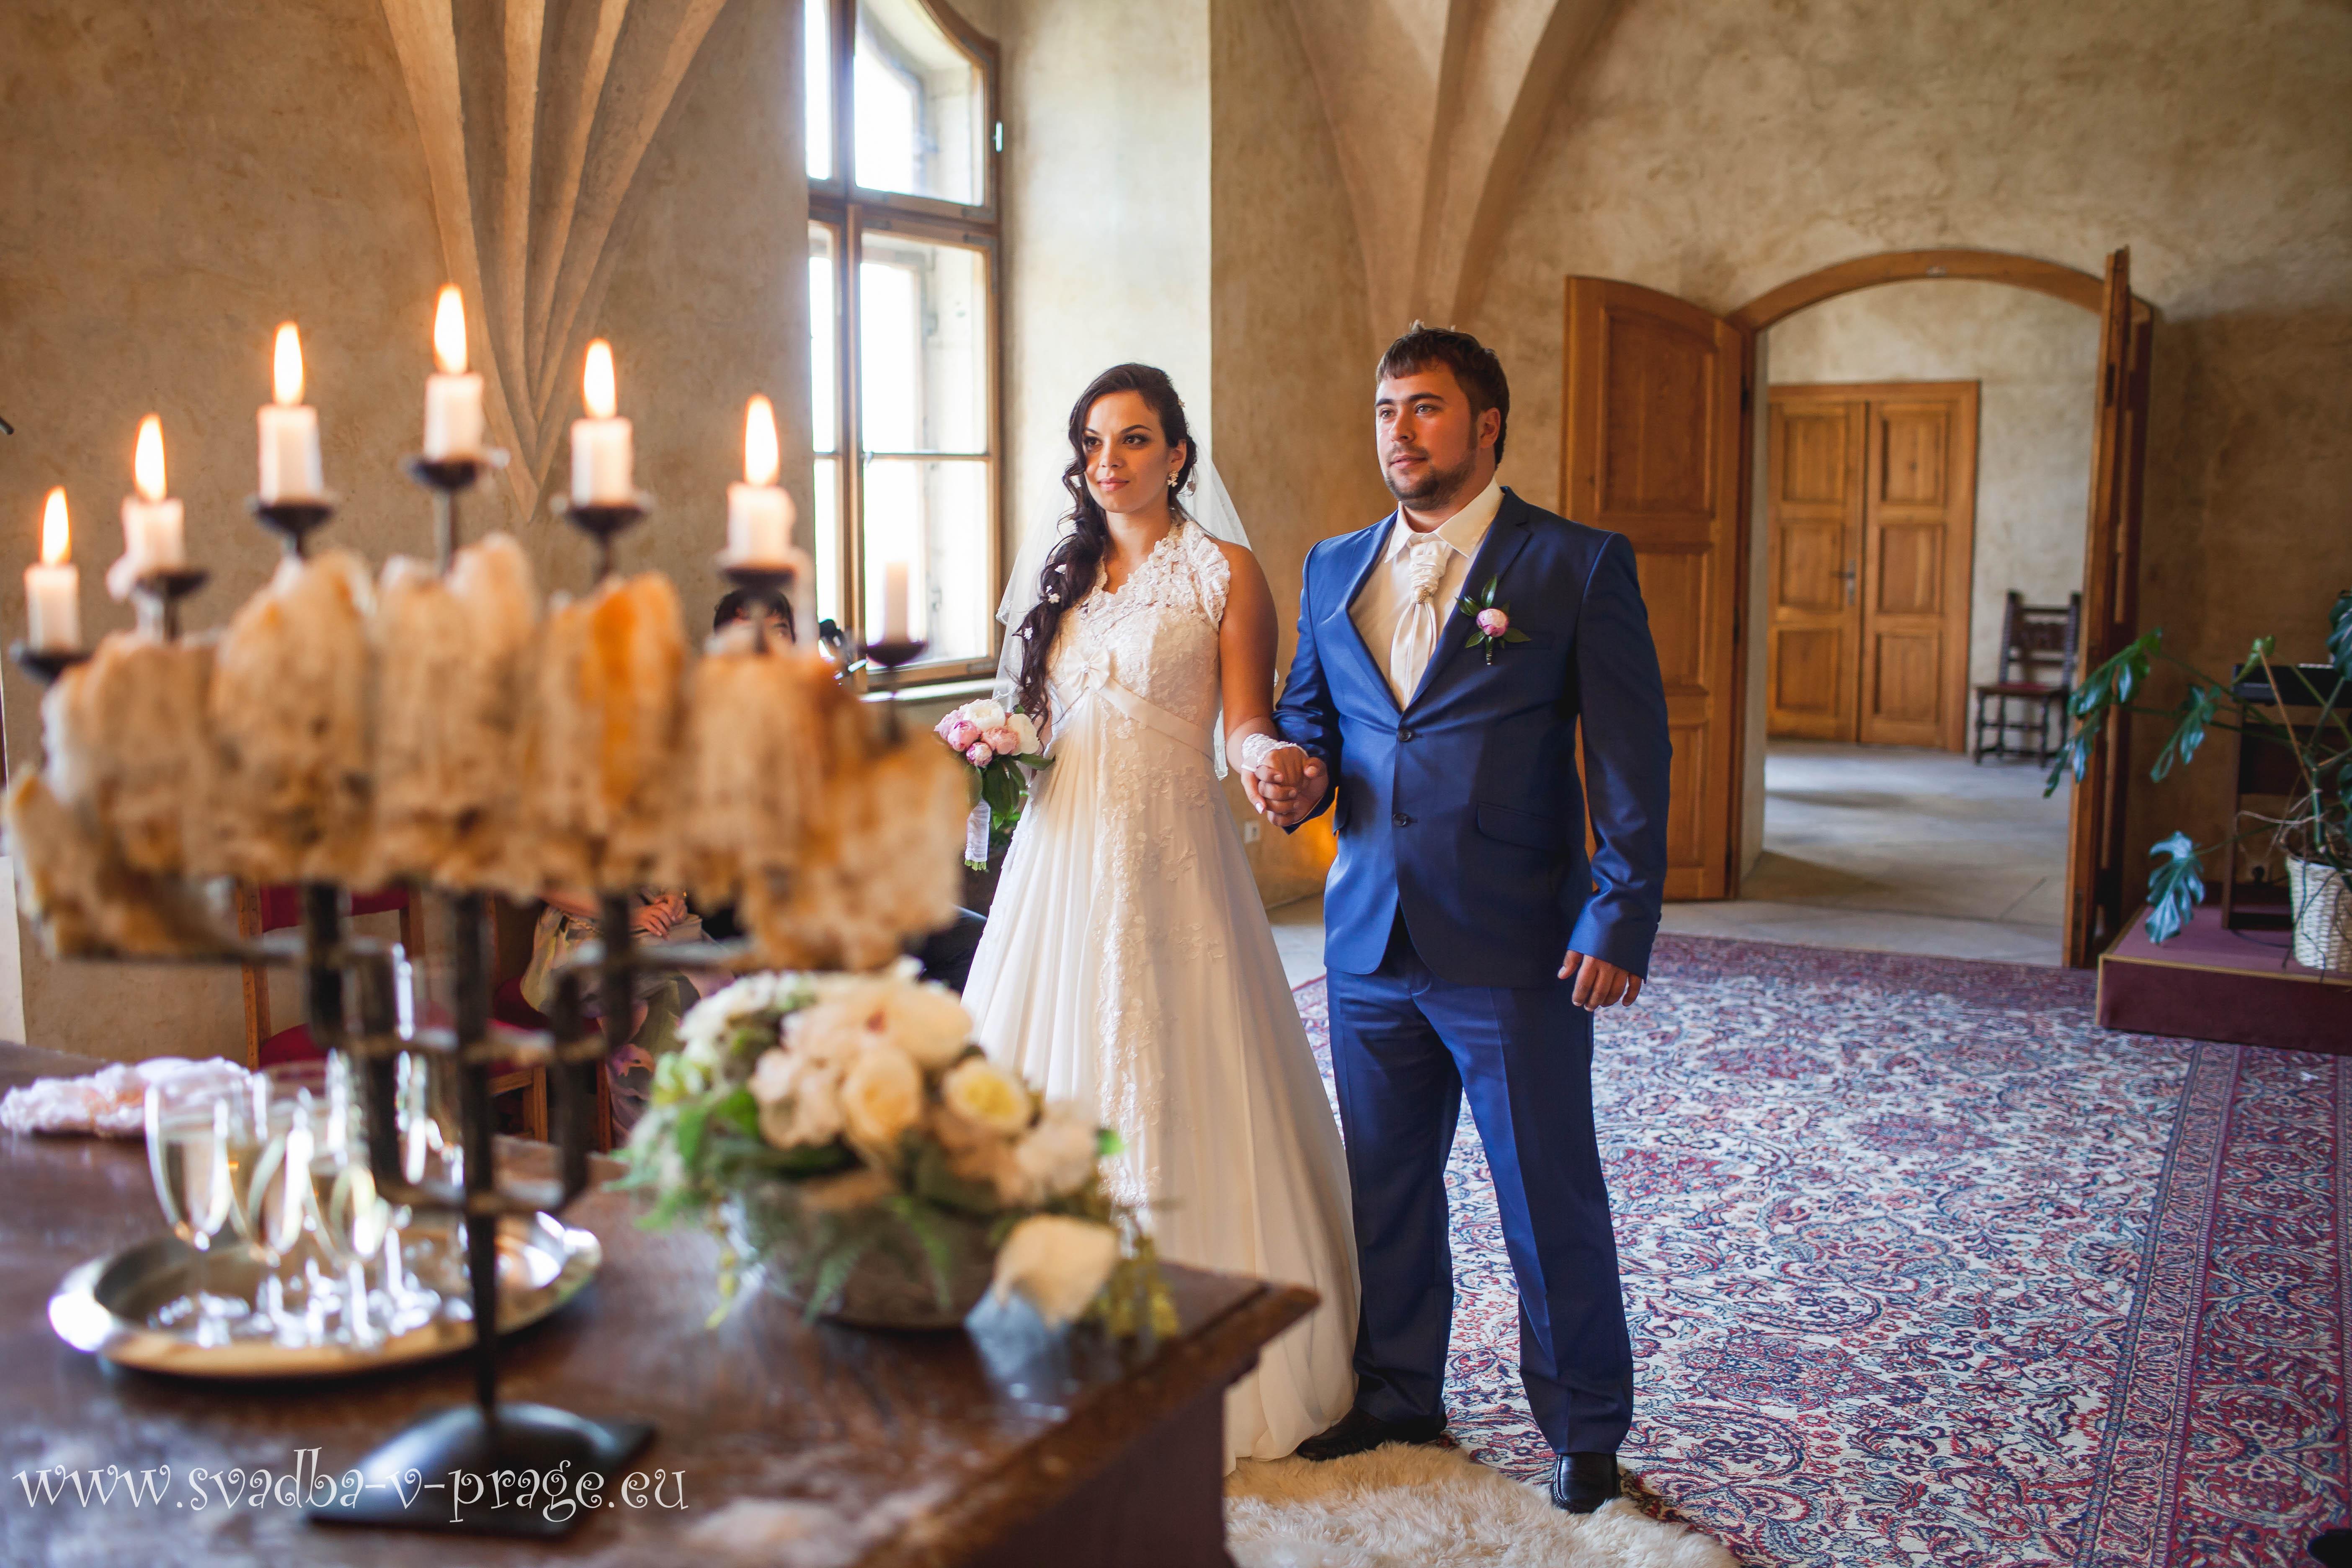 Свадьба Кирилла и Анастасии — 11.6.2013 в замке Карлштейн - фото Свадьба в замке Карлштейн